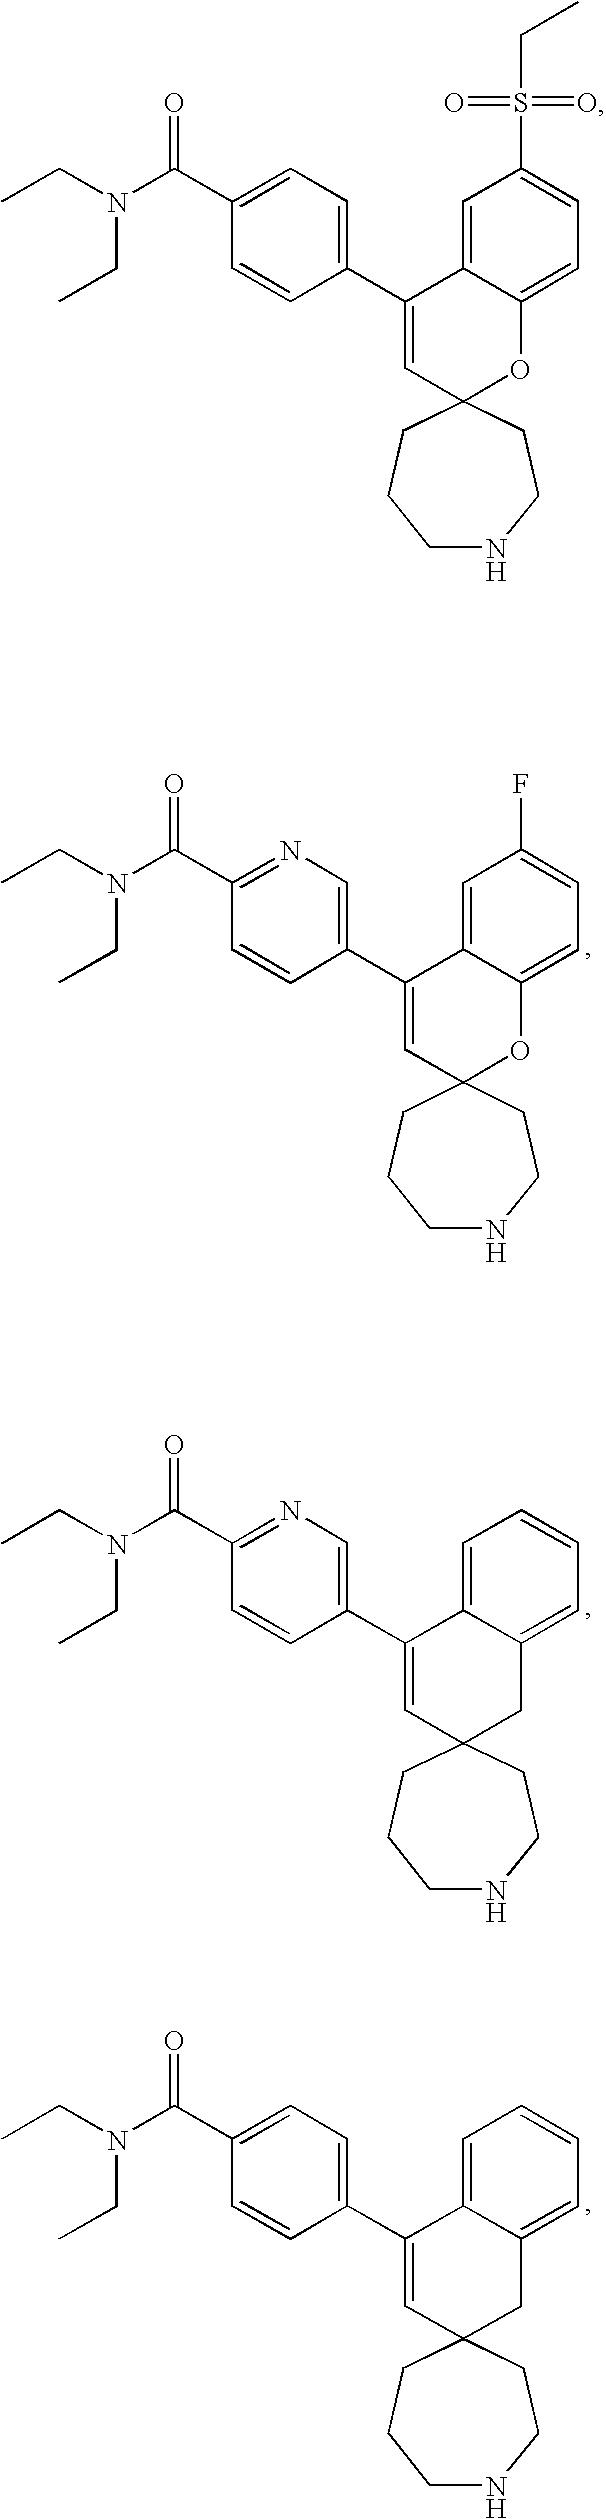 Figure US07598261-20091006-C00035